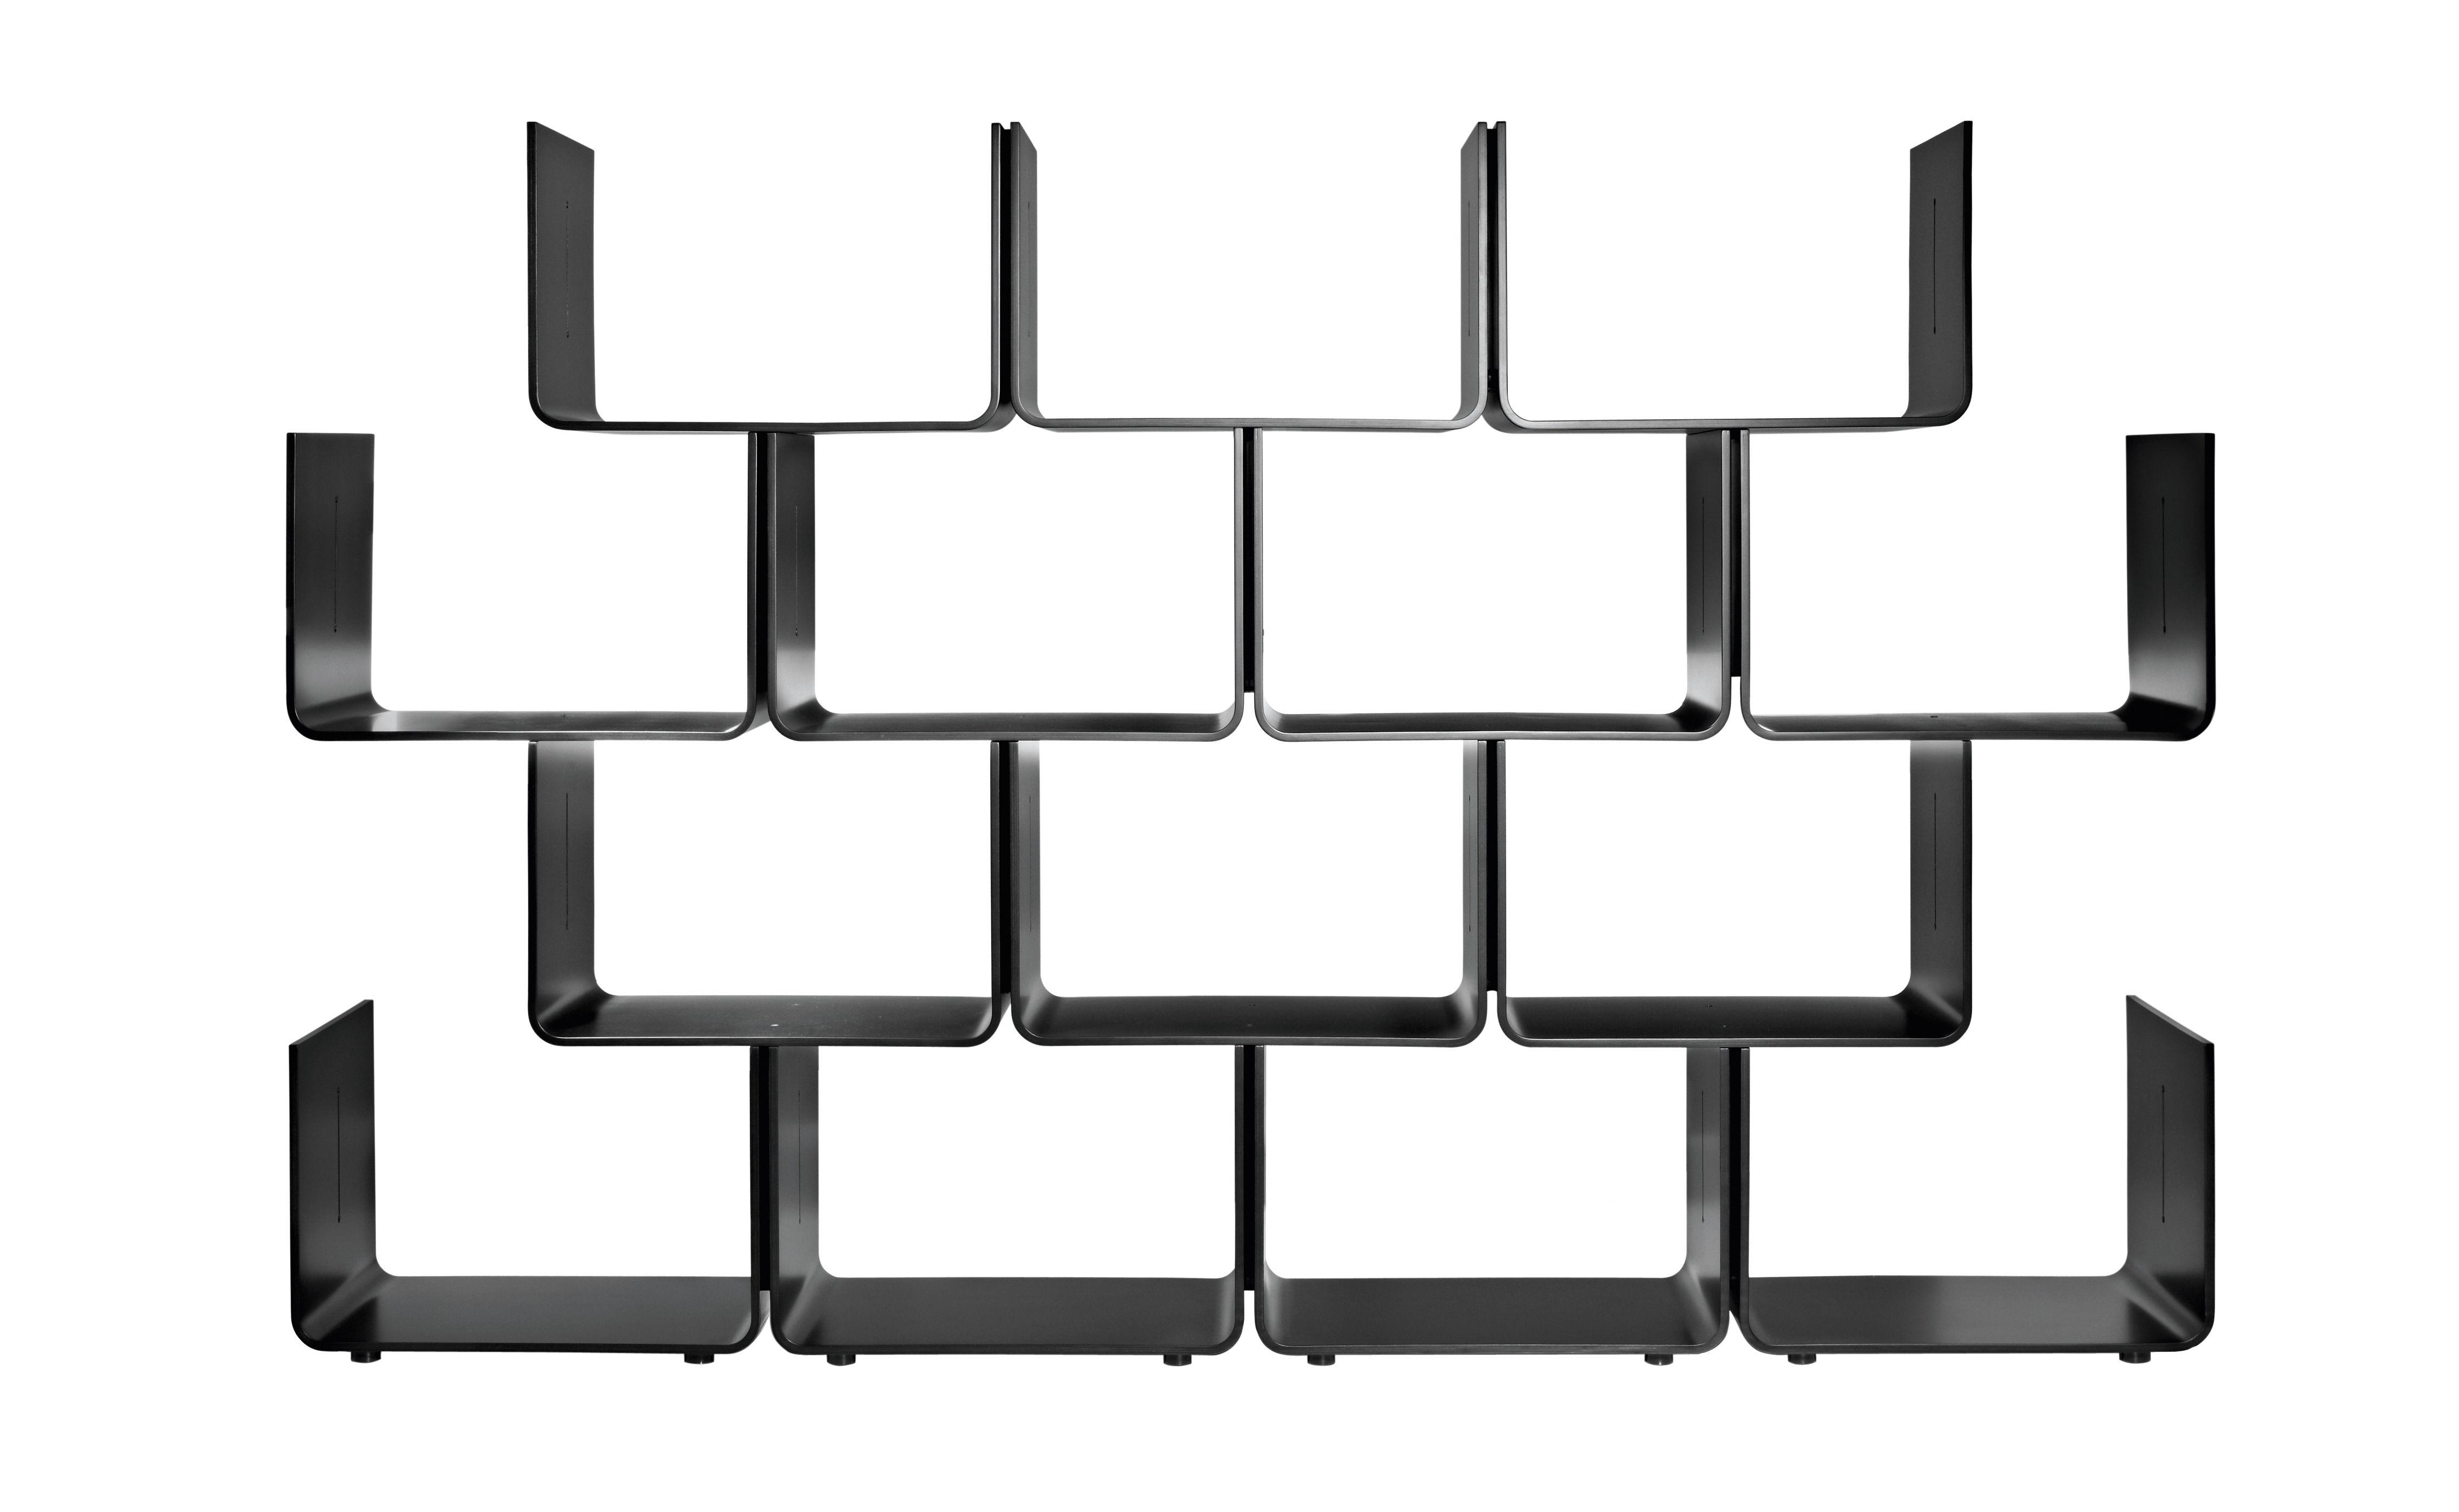 Mobilier - Etagères & bibliothèques - Etagère Elysée module de base - Magis - Noir - Avec patins - Multiplis d'érable